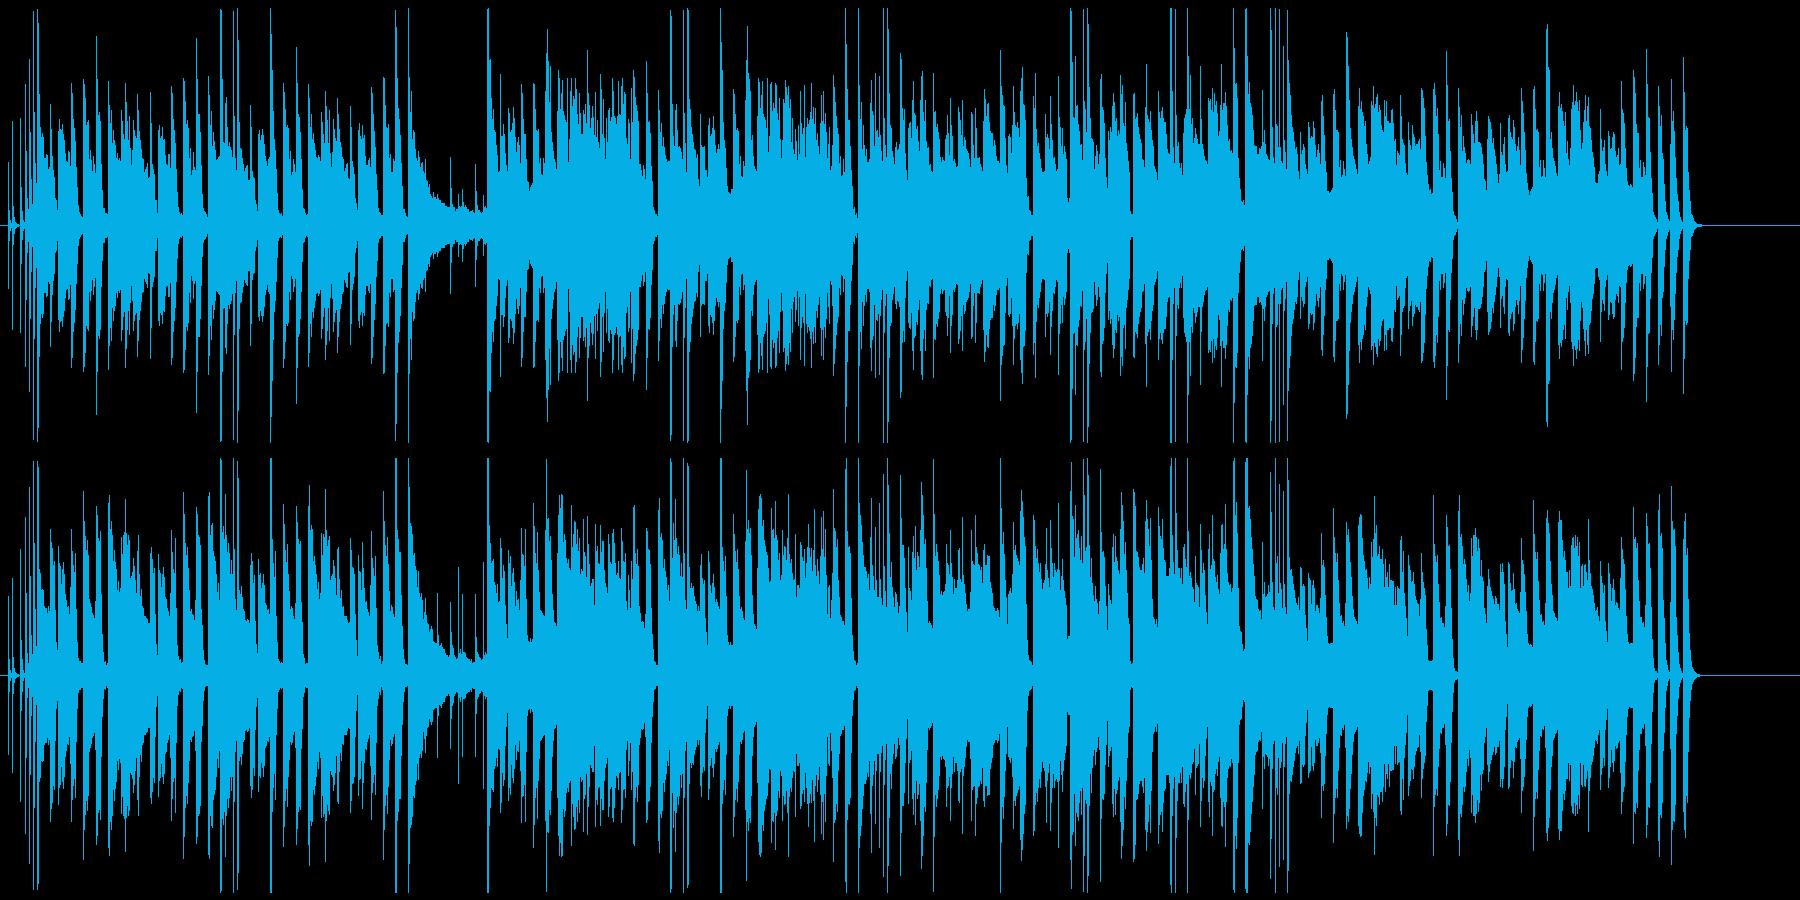 ほのぼのとしたピアノと木琴の会話シーン曲の再生済みの波形